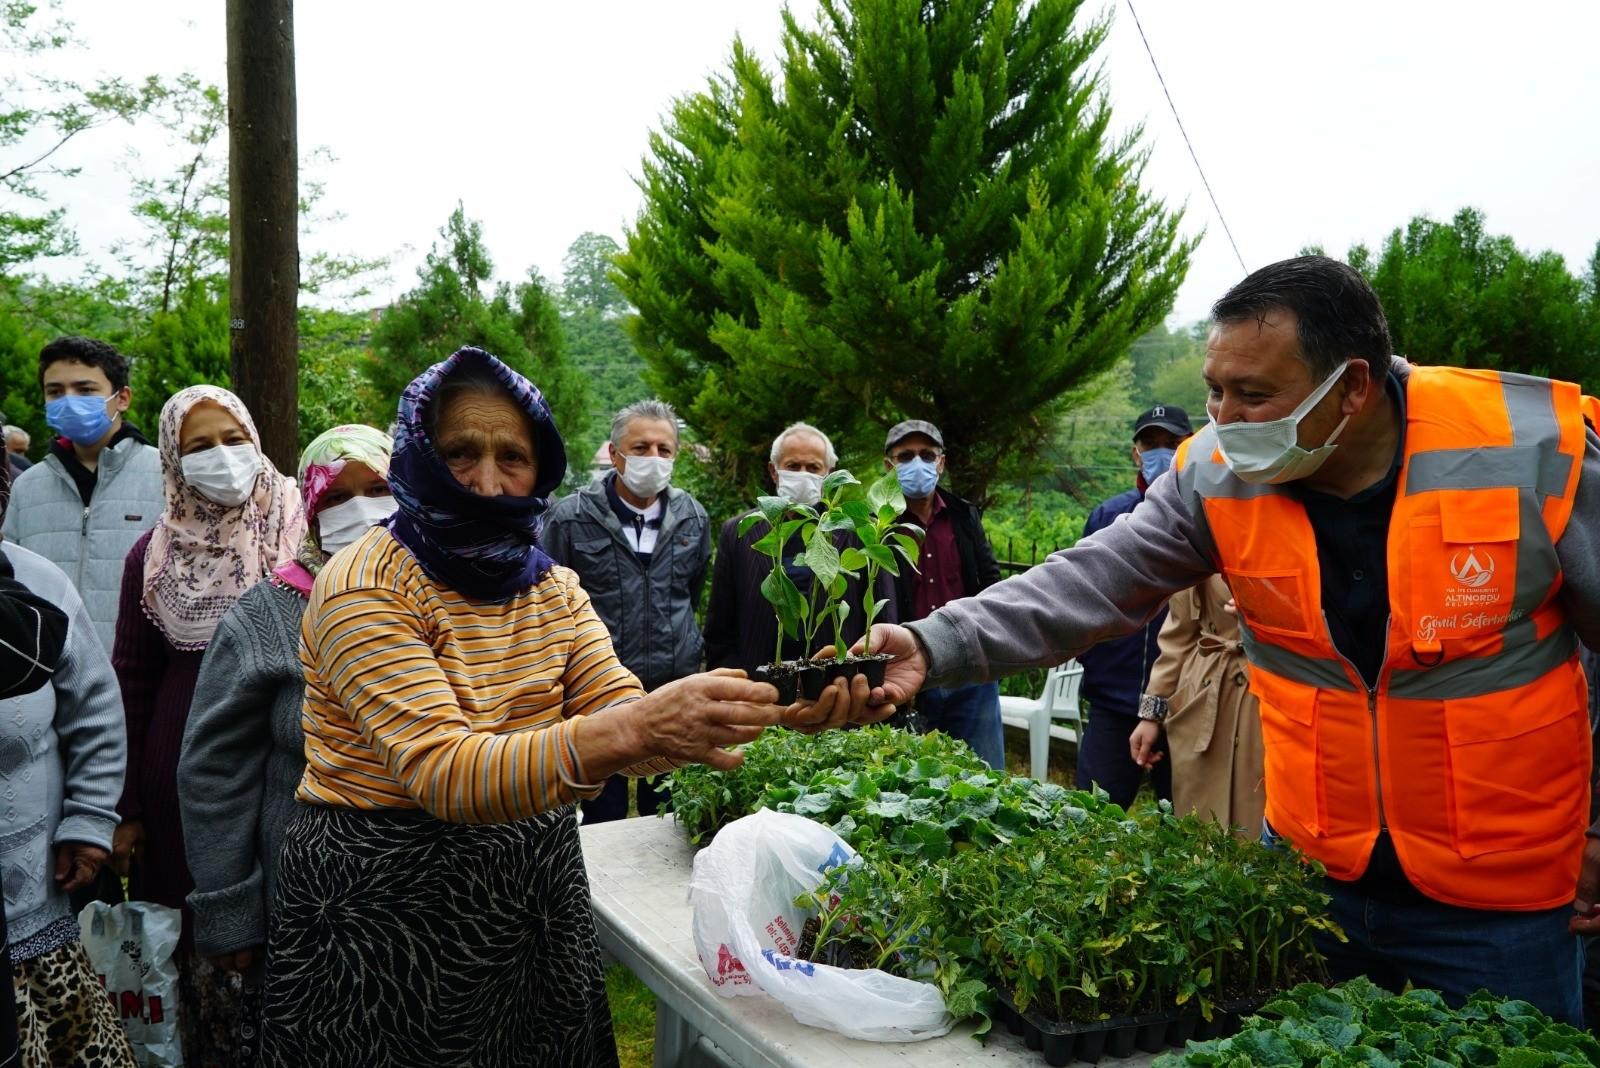 Altınordu Belediyesi'nden çiftçiye 52 bin adet fide desteği